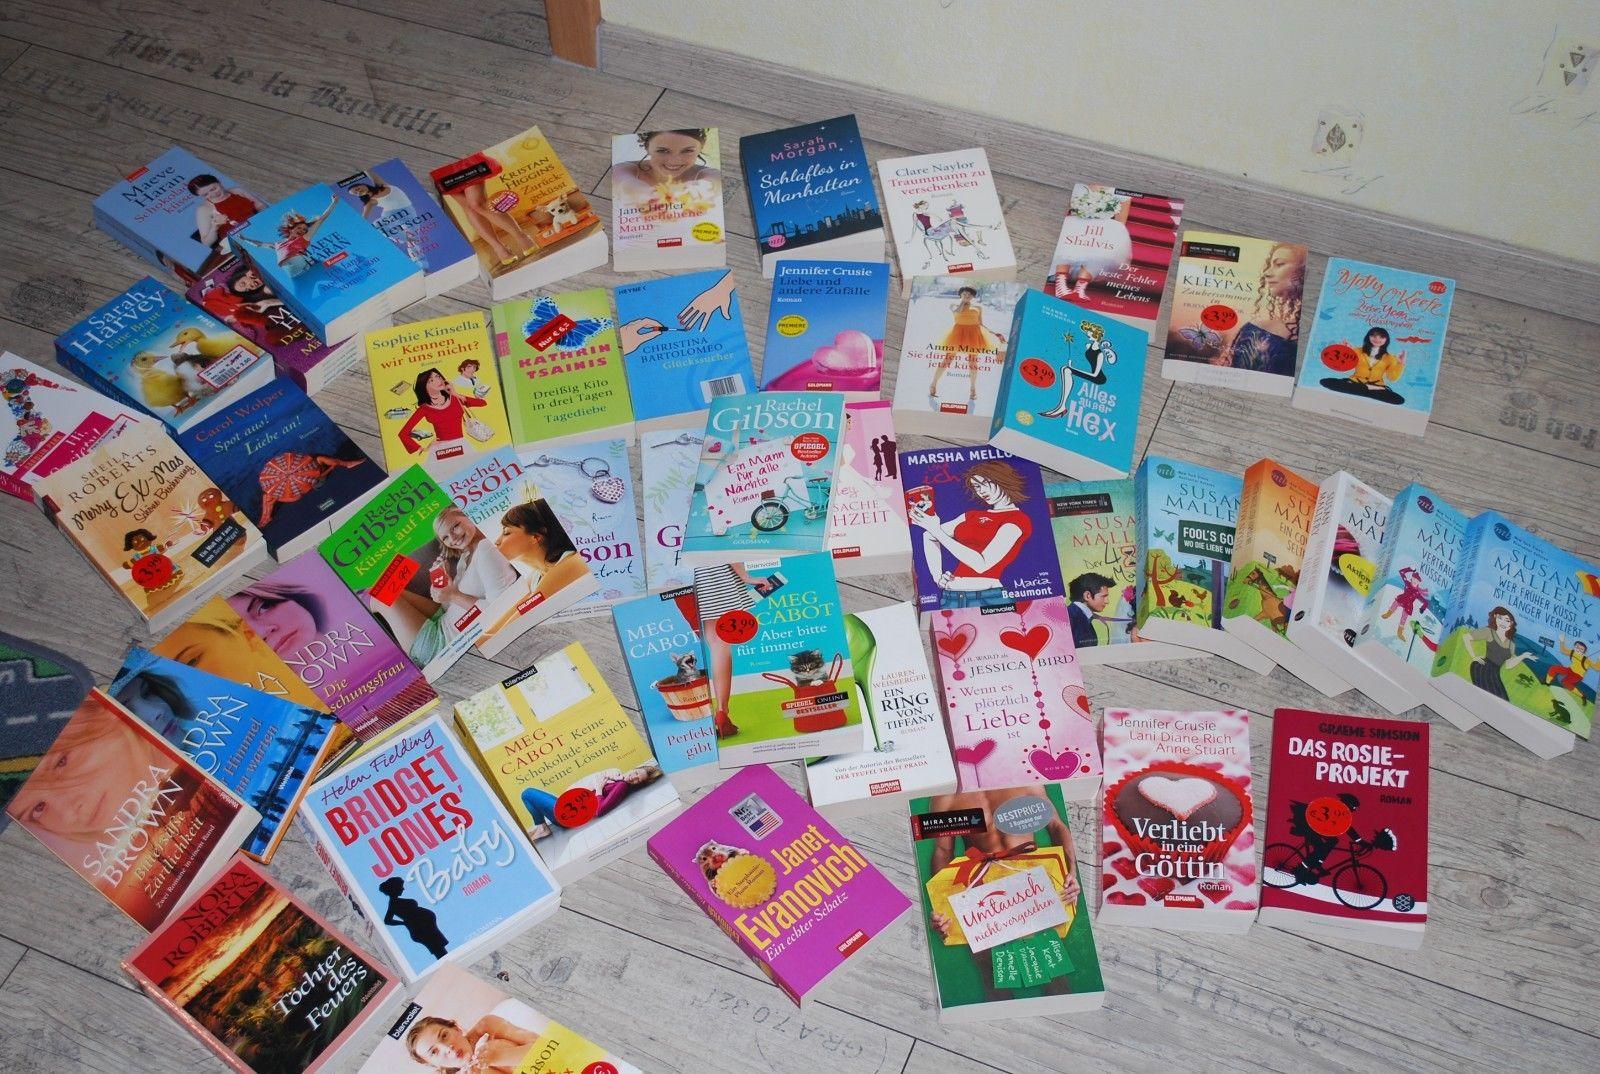 Romane 50 Taschenbücher*****guter Zustand******Frauenromane****TOP